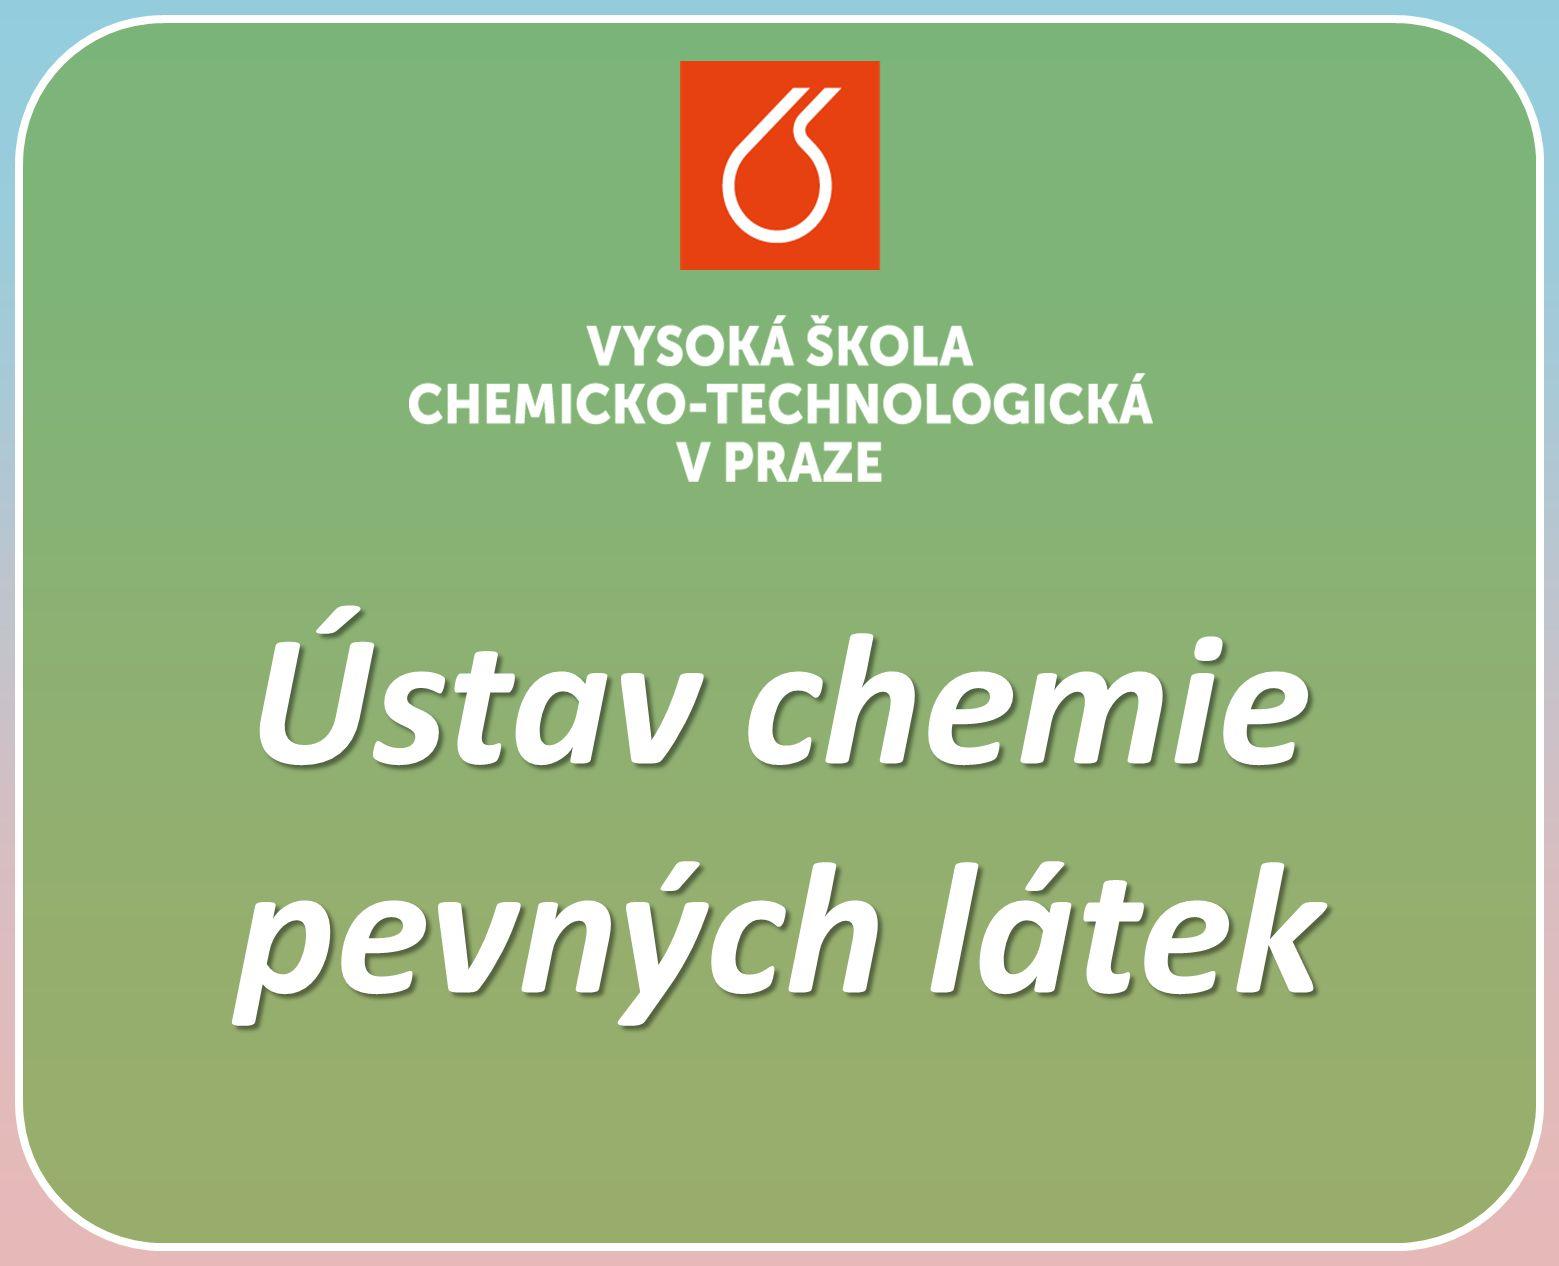 Ústav s mnohaletou tradicí a moderním zaměřením Ústav chemie pevných látek je nástupcem dřívější Katedry mineralogie.